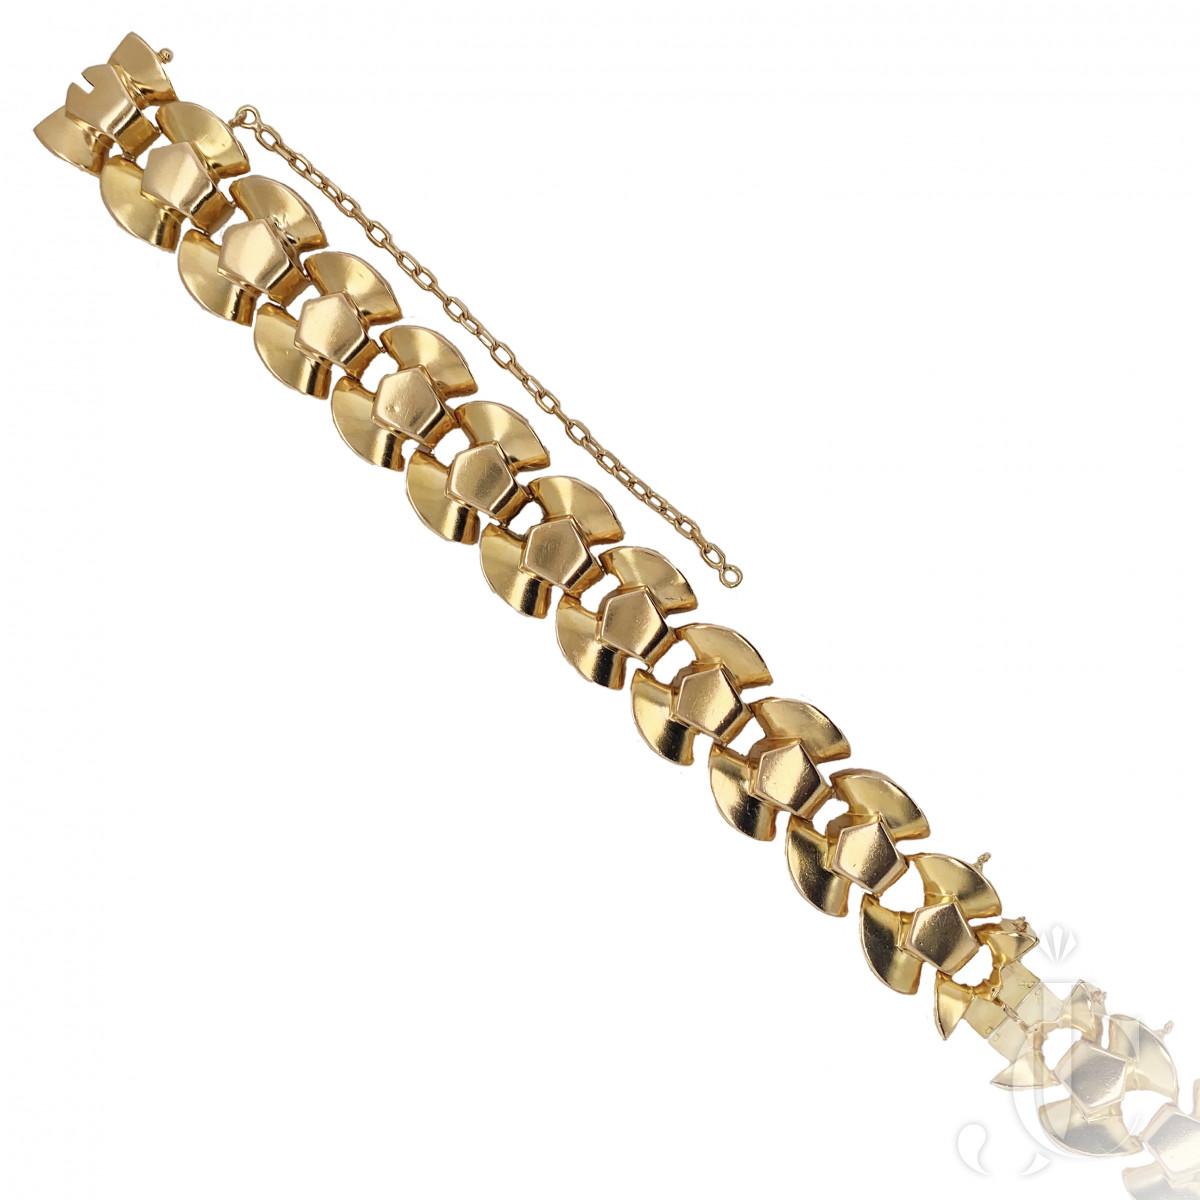 Retro French 18kt Gold Bracelet